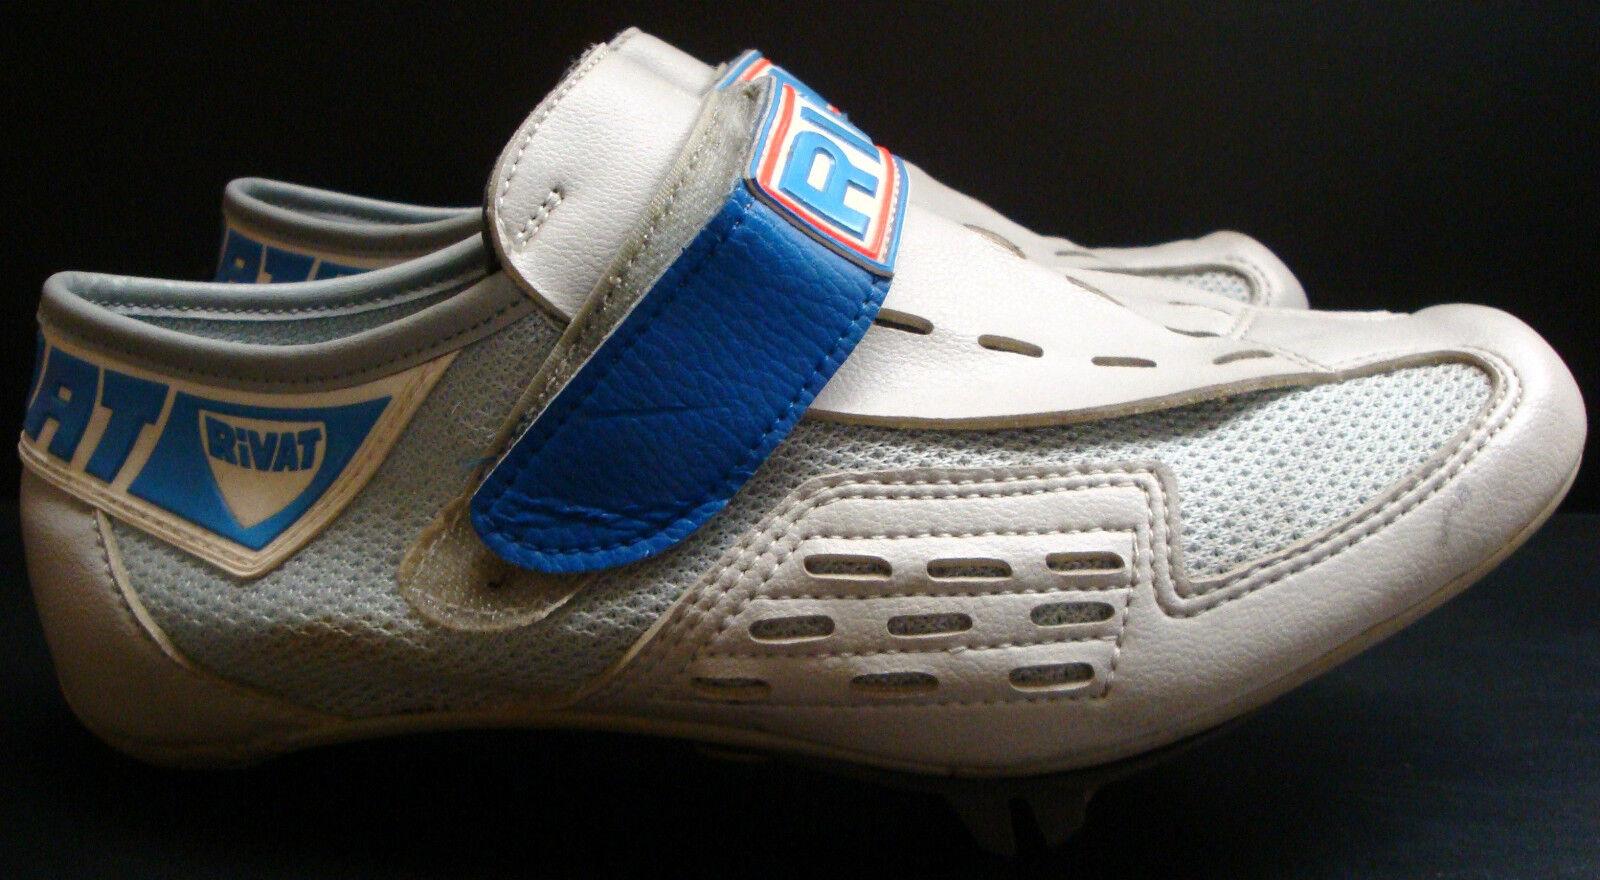 Usado  Rivat Zapatos Vintage Hecho En Francia